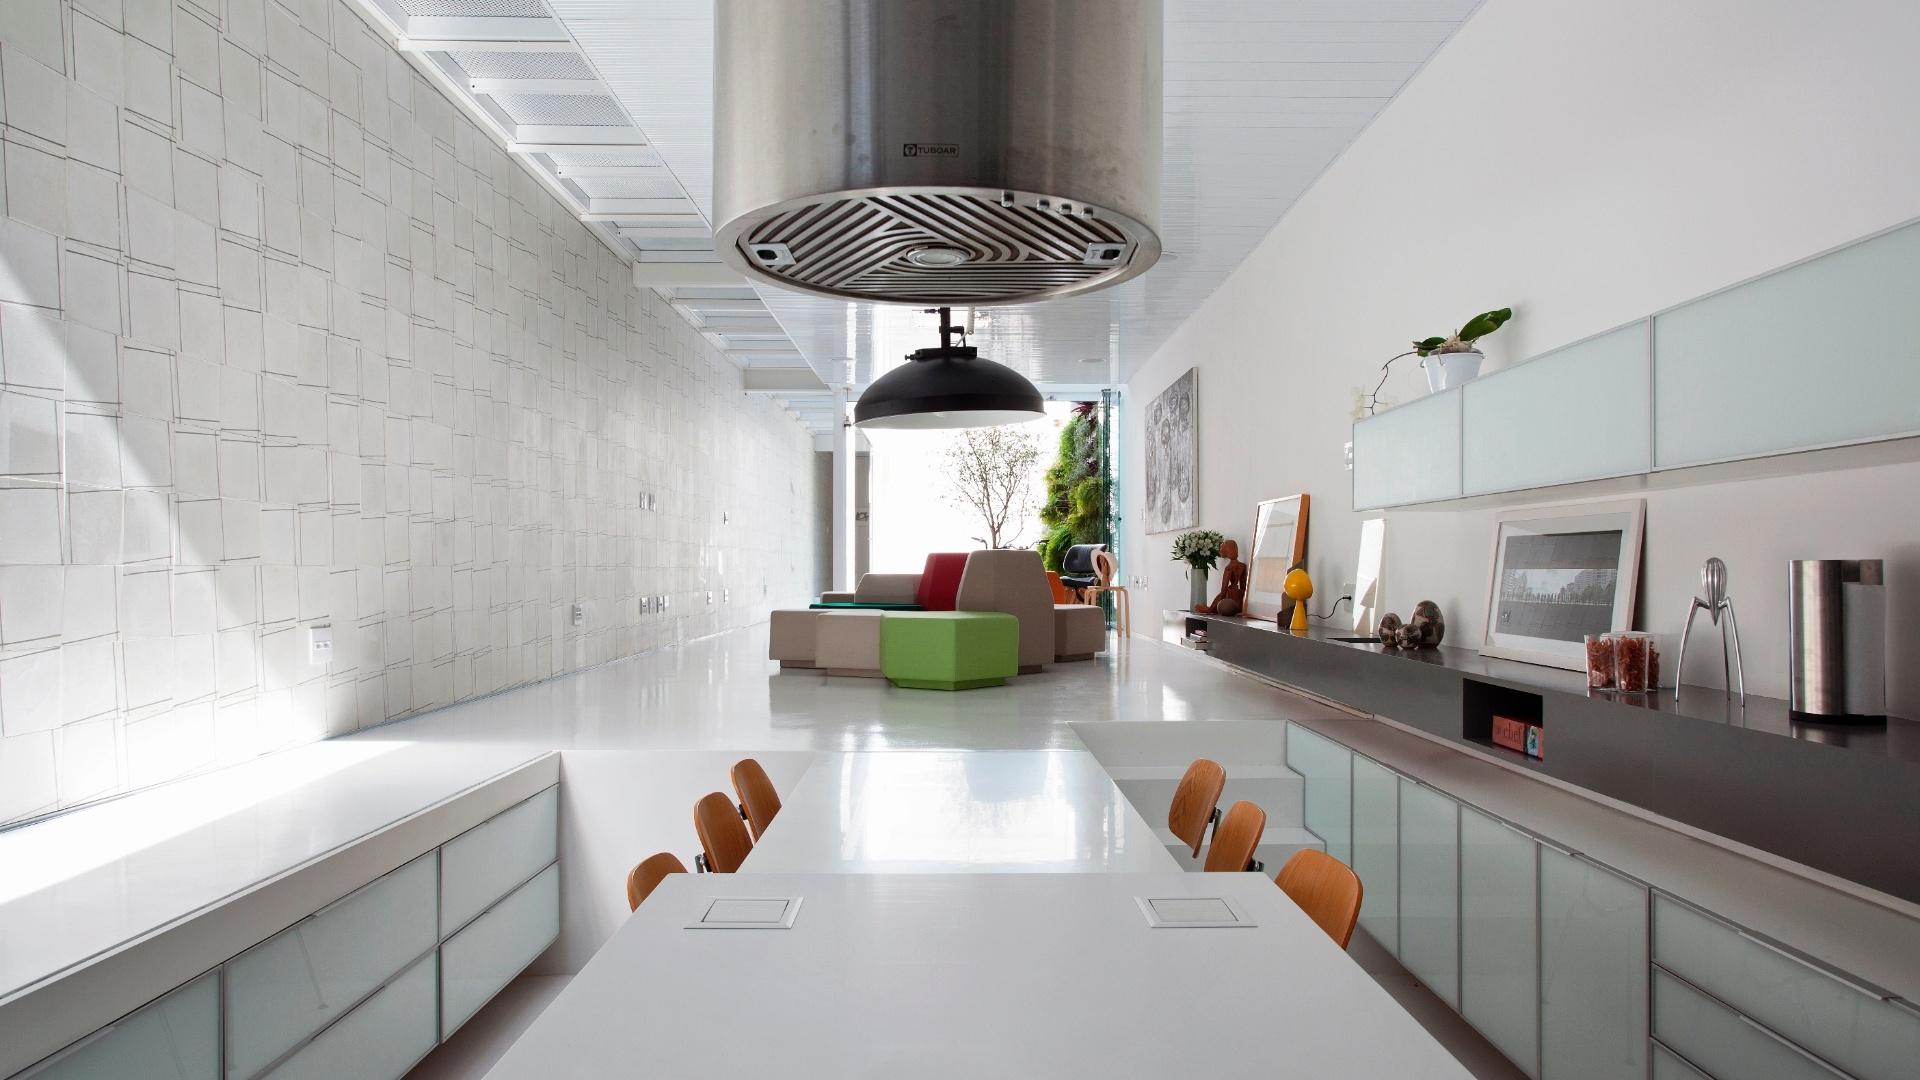 designs de interiores entre 995 projetos   UOL Estilo de vida #4F6130 1920 1080